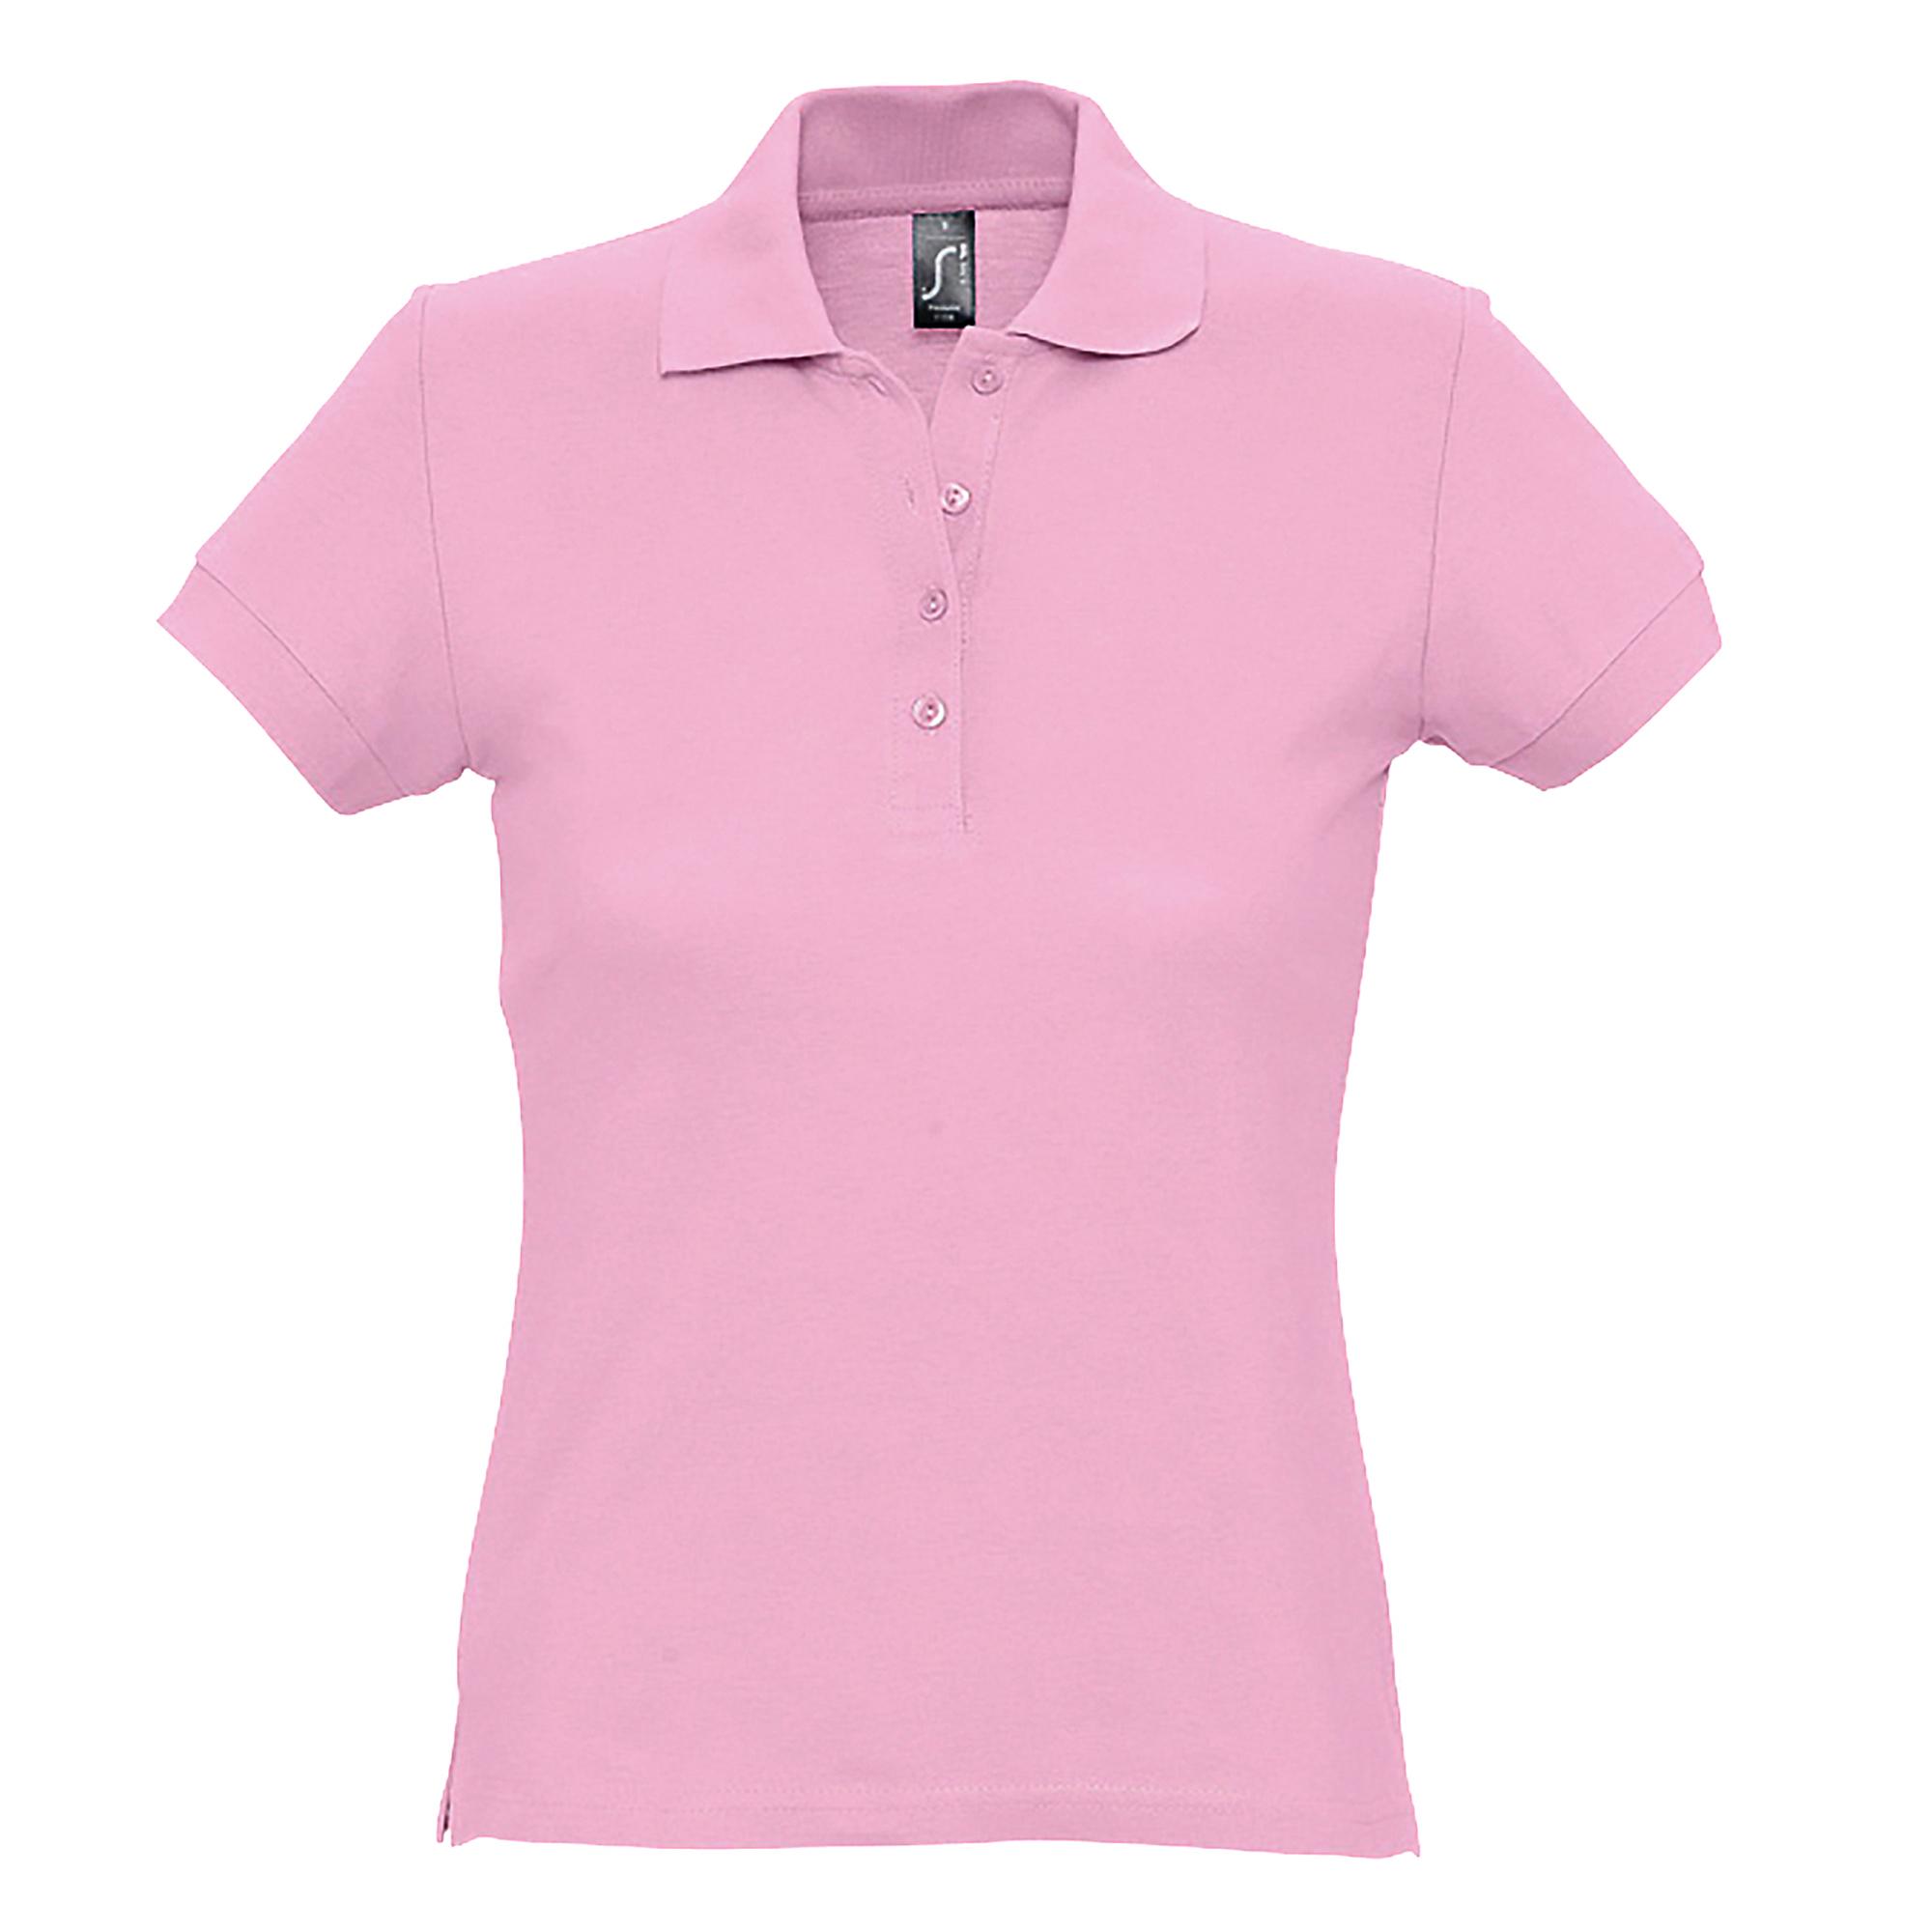 miniature 24 - SOLS Passion - Polo 100% coton à manches courtes - Femme (S-2XL) 16 (PC317)